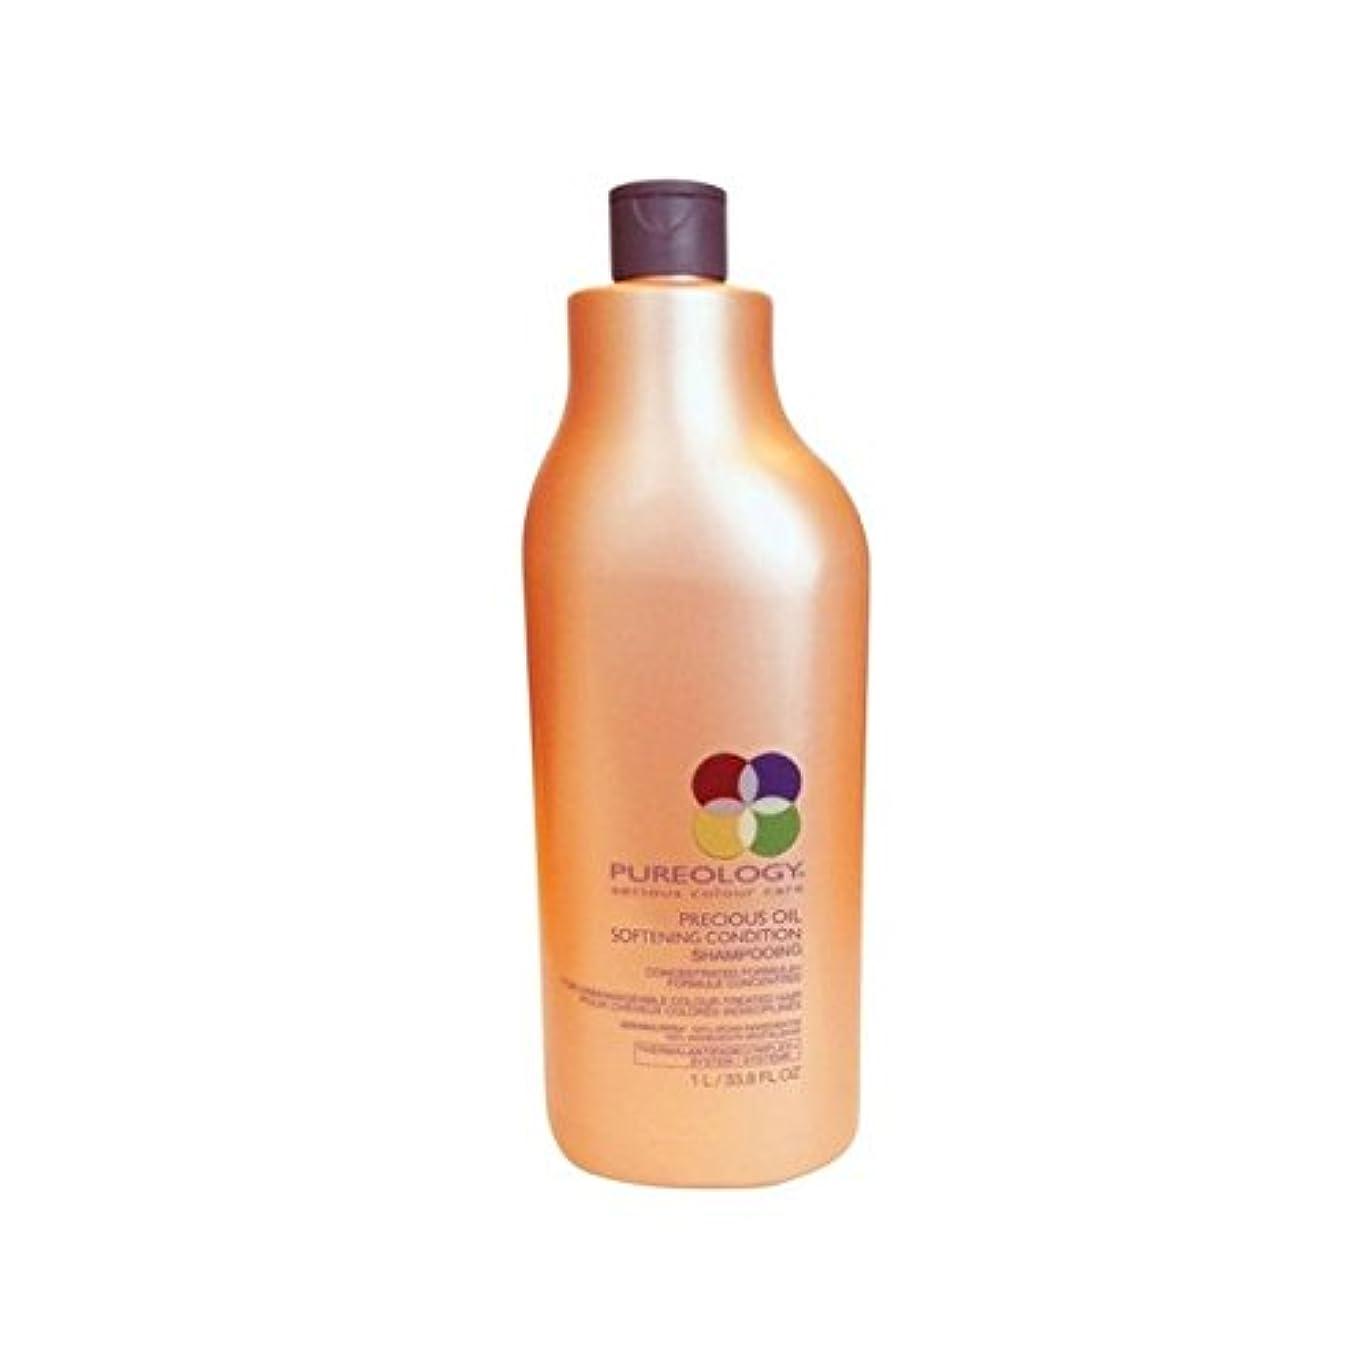 メルボルン請求可能仮装貴重なオイルコンディショナー(千ミリリットル) x4 - Pureology Precious Oil Conditioner (1000ml) (Pack of 4) [並行輸入品]